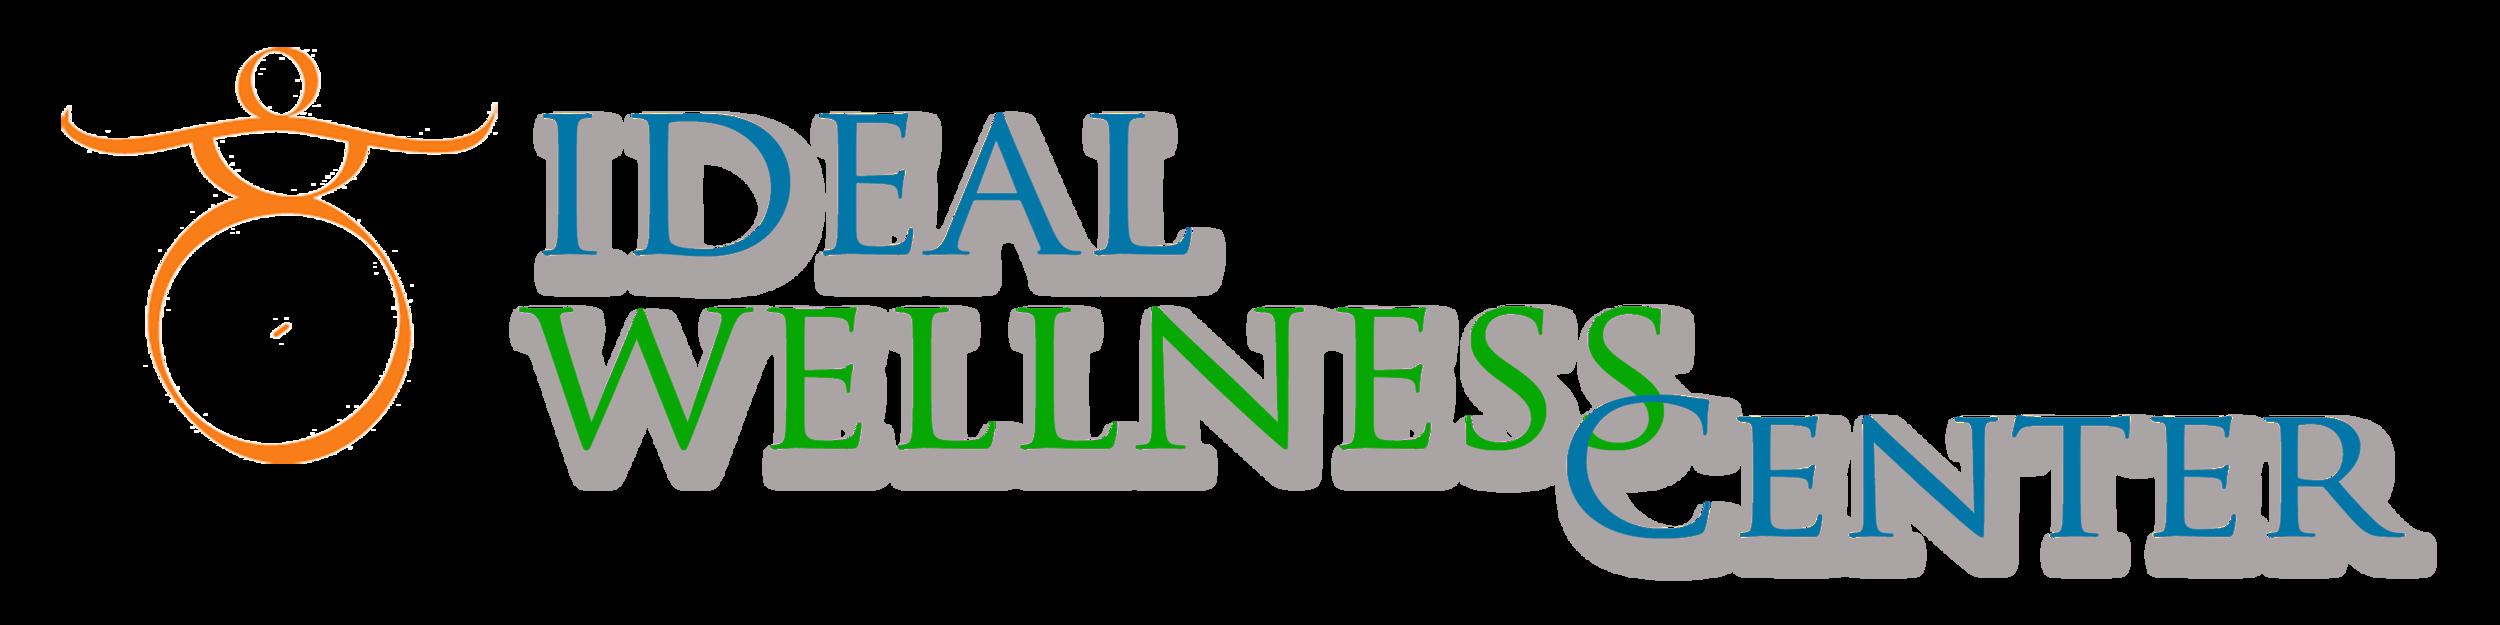 ideal wellness b.png